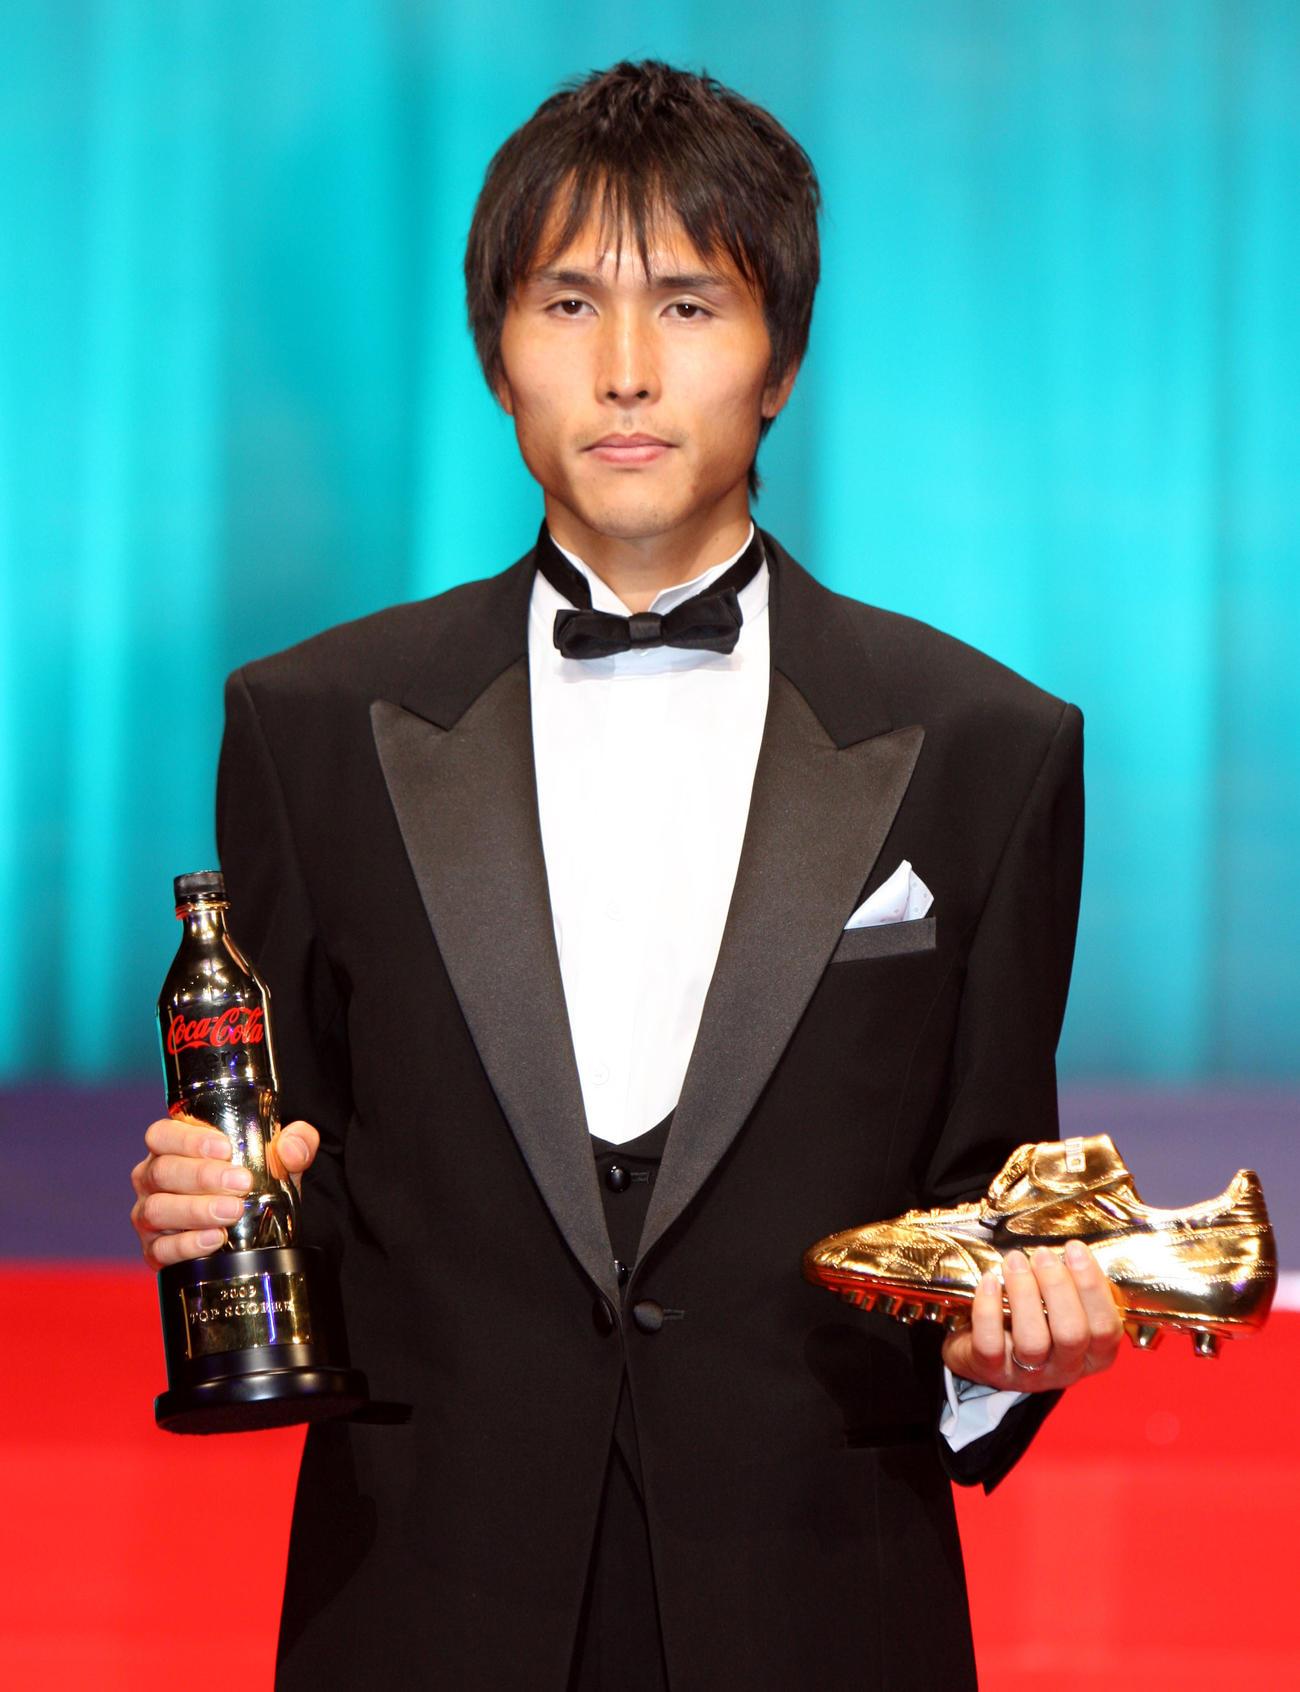 得点王のFW前田遼一(2009年12月7日撮影)